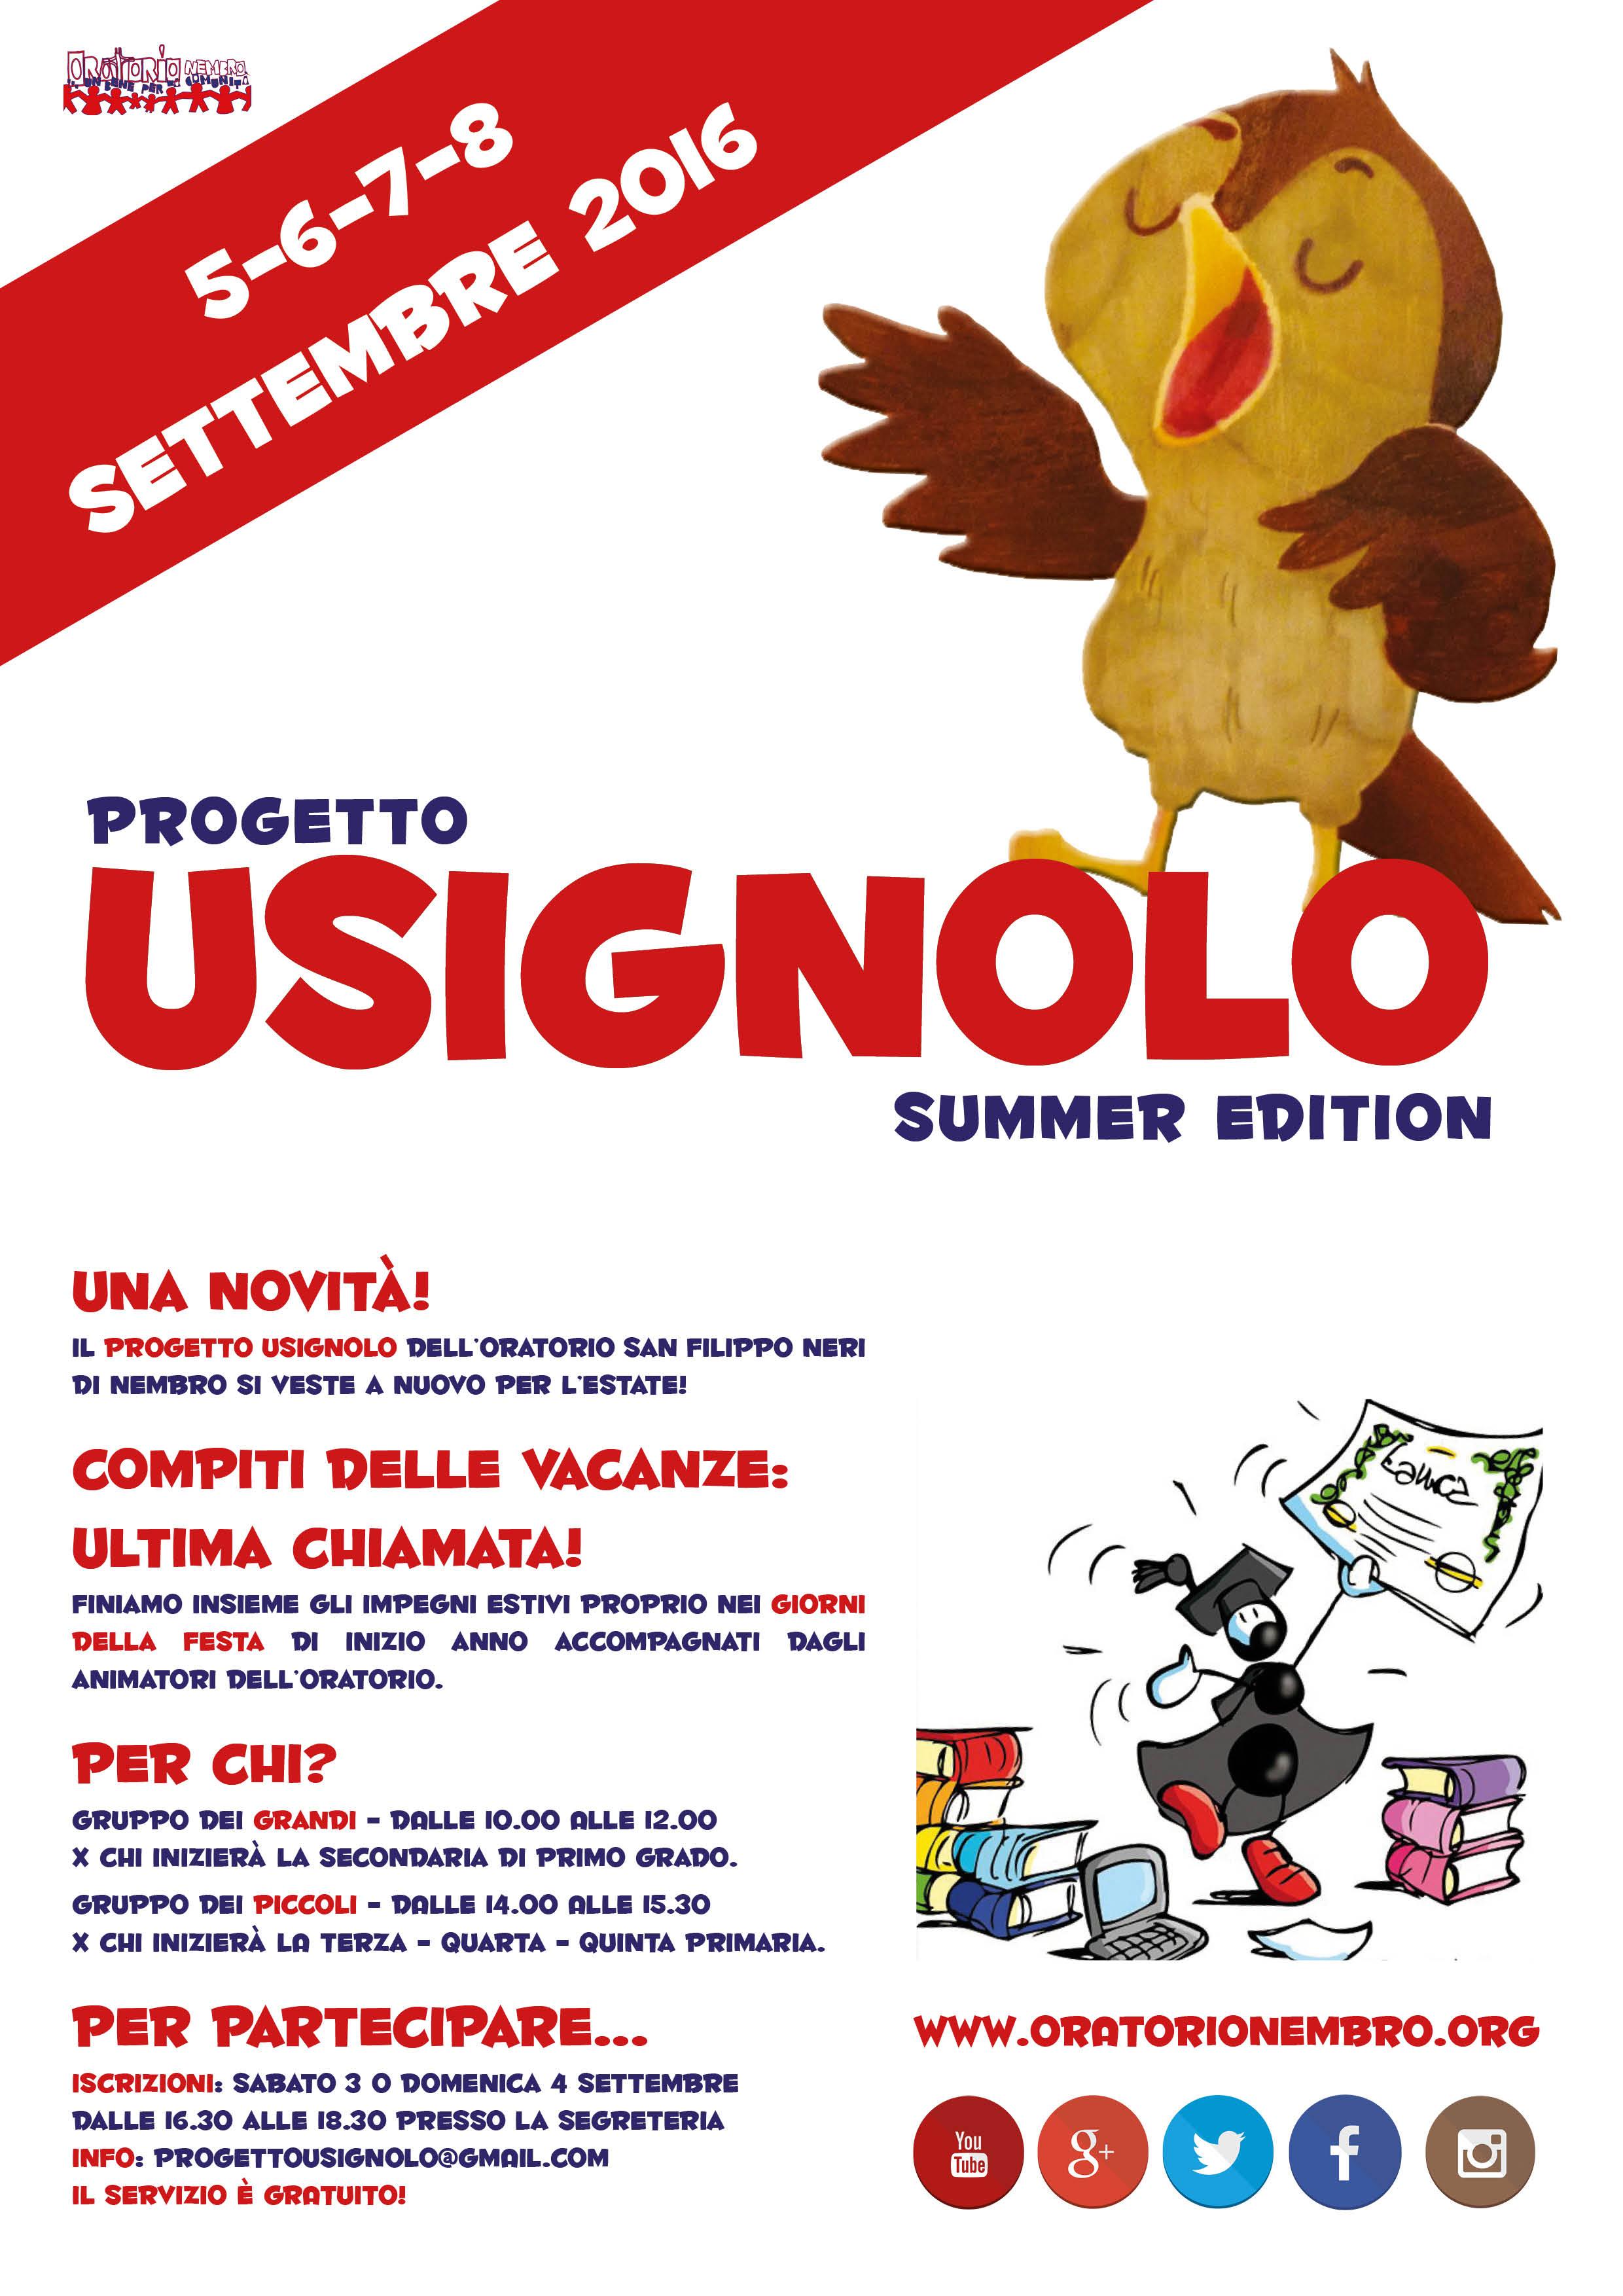 Usignolo Summer 2016